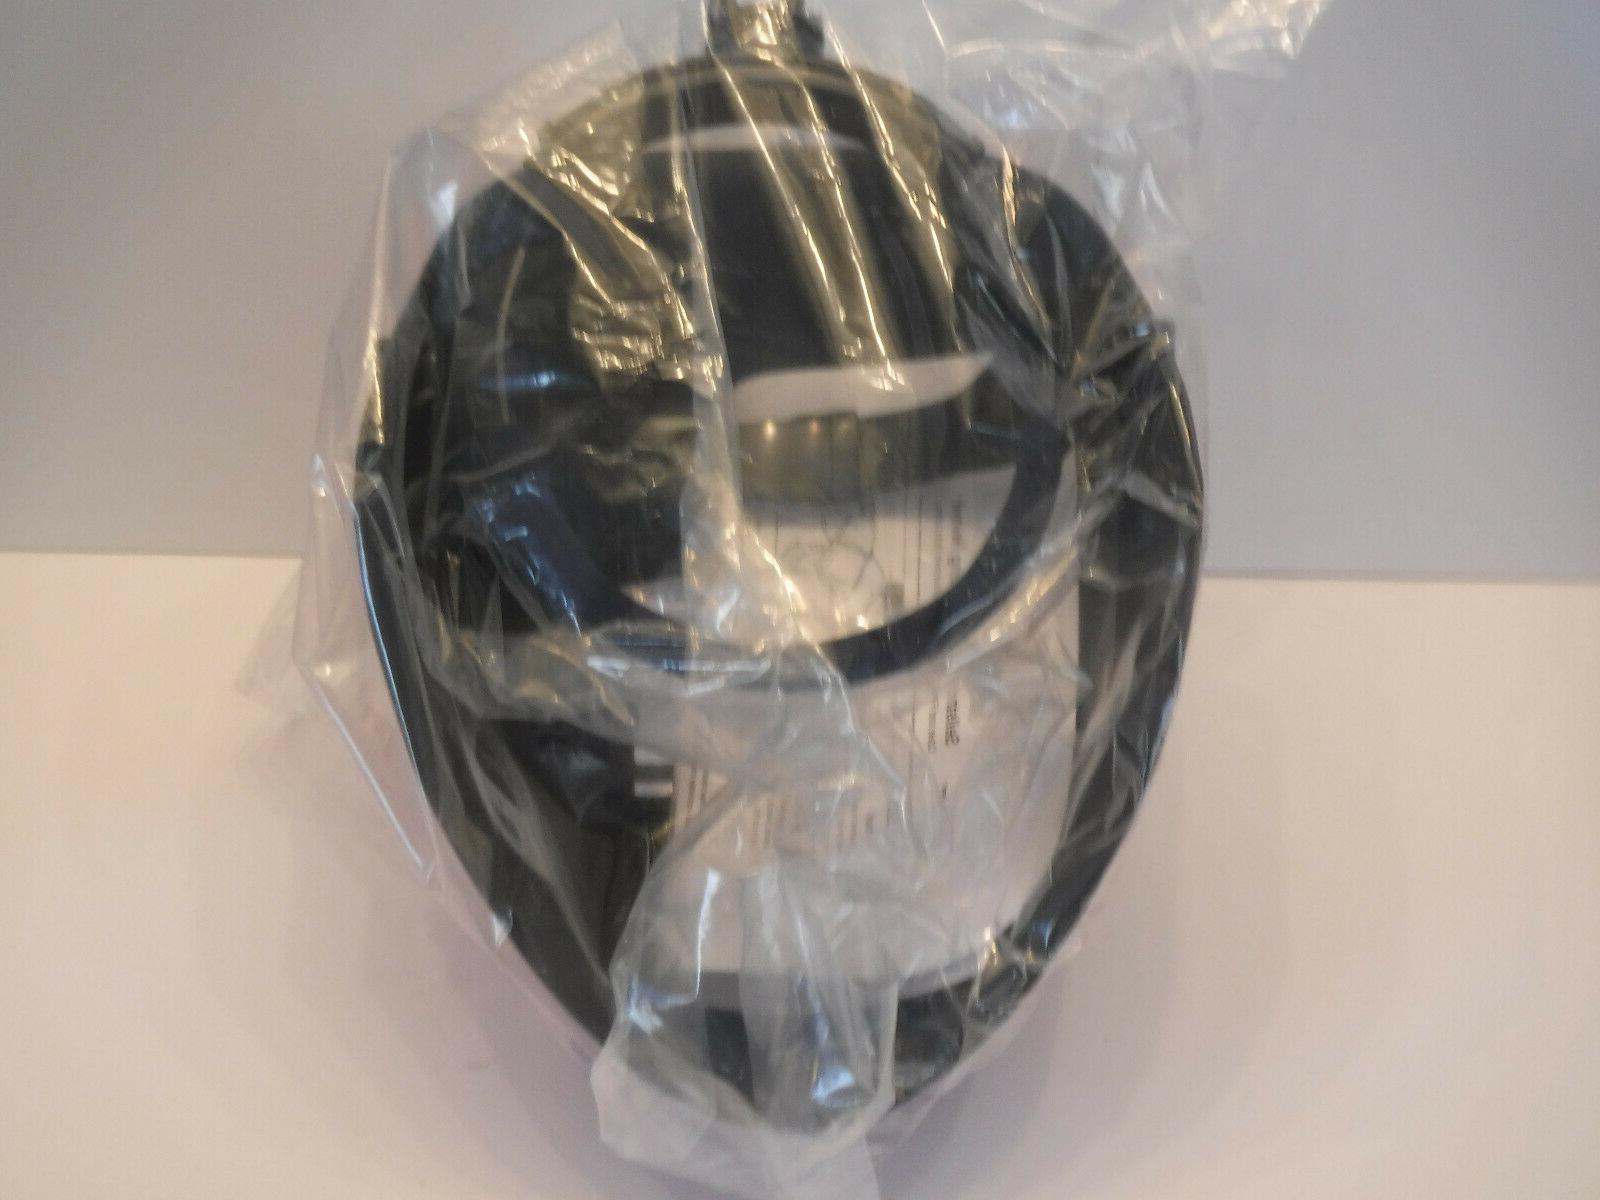 Sellstrom Helmet Red 90 x 110 w/ Headgear